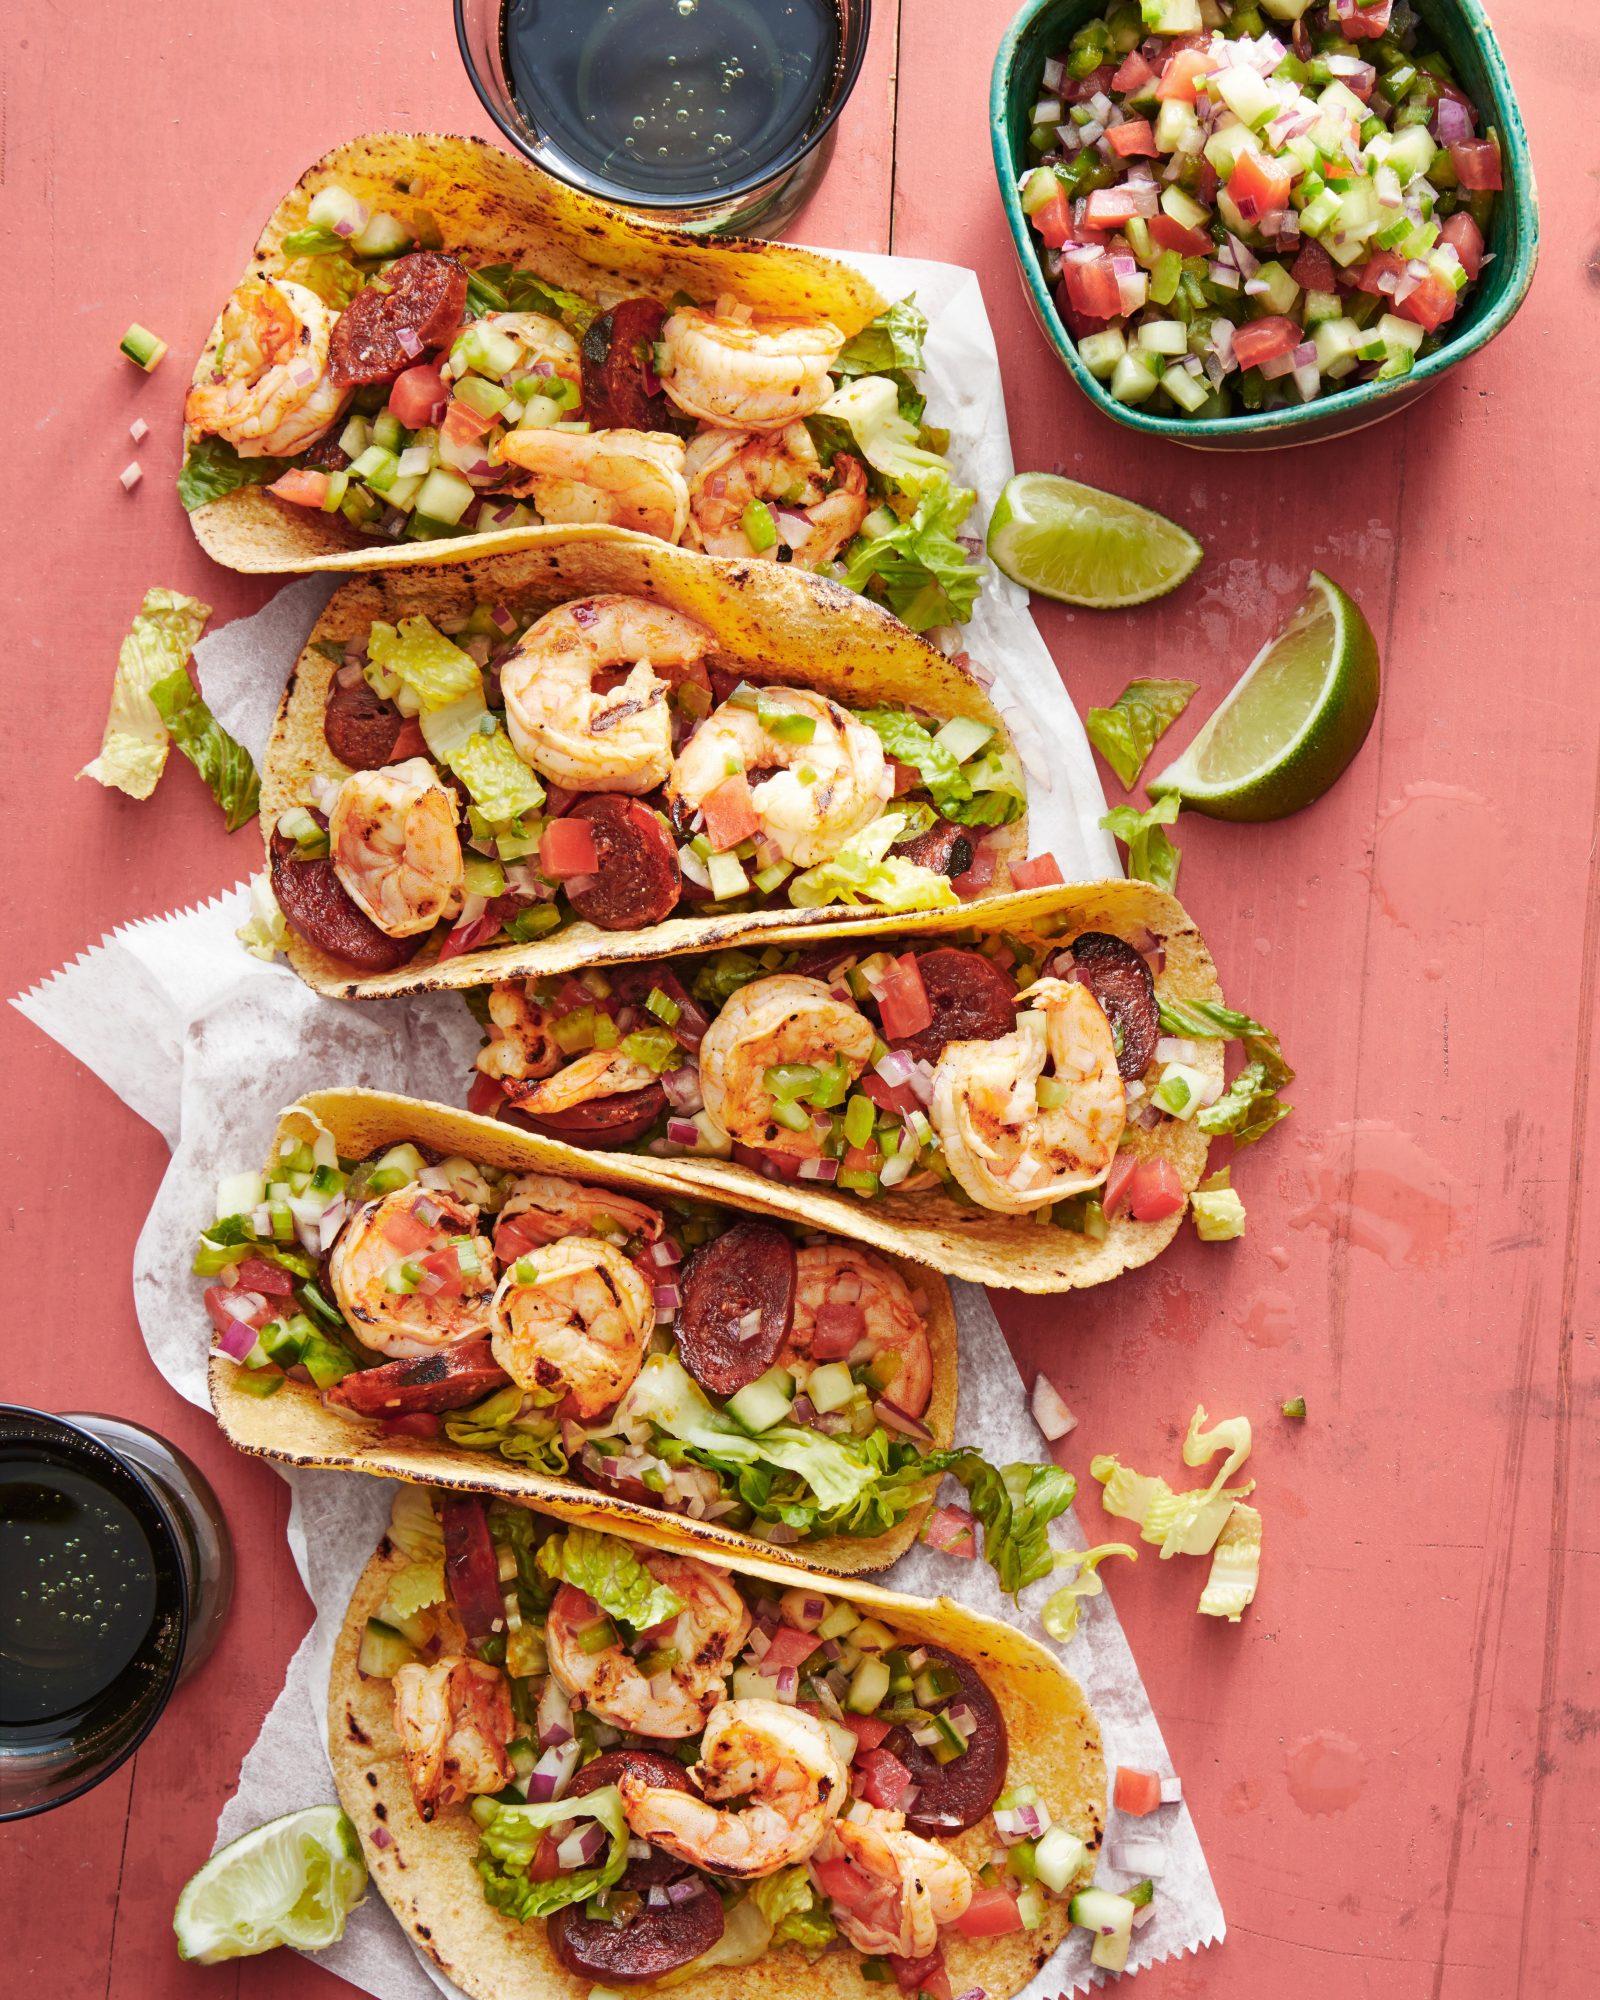 Tequila Shrimp & Chorizo Tacos with Gazpacho Salsa